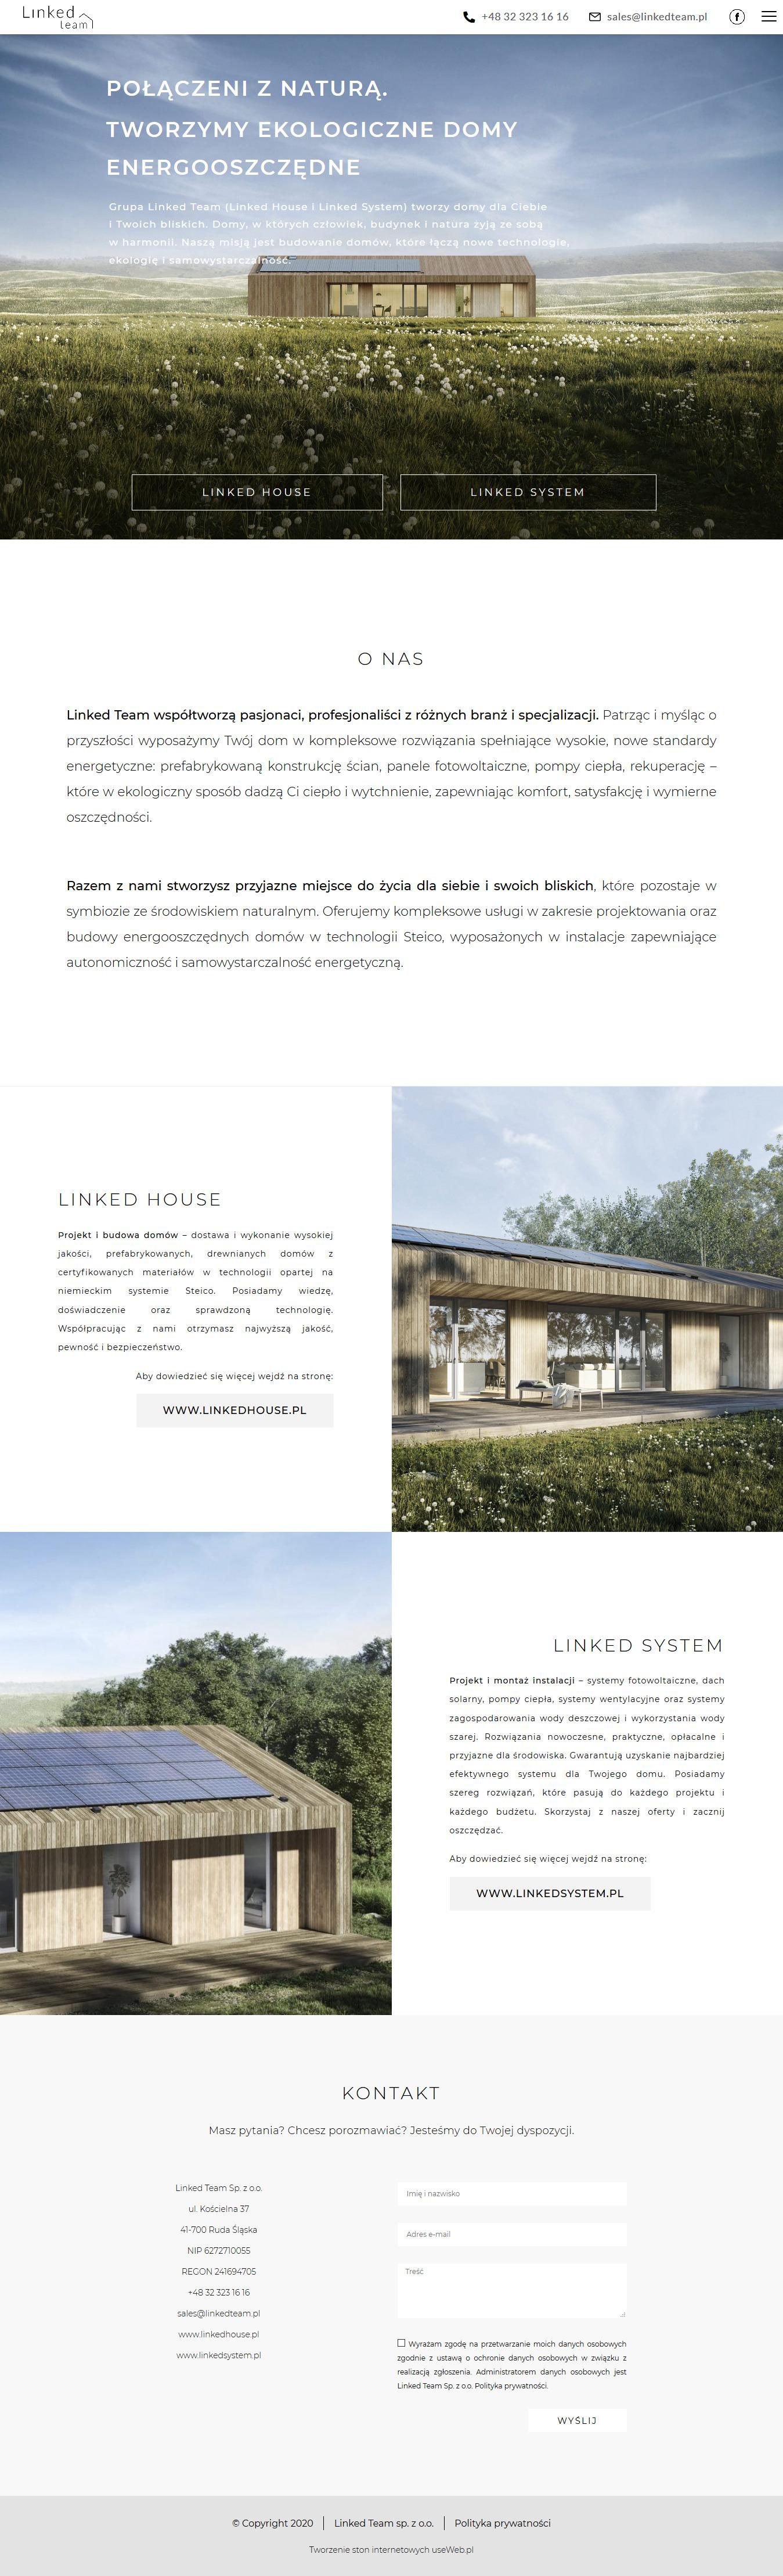 tworzenie stron www - useweb - portfolio - projekt - linkedTeam